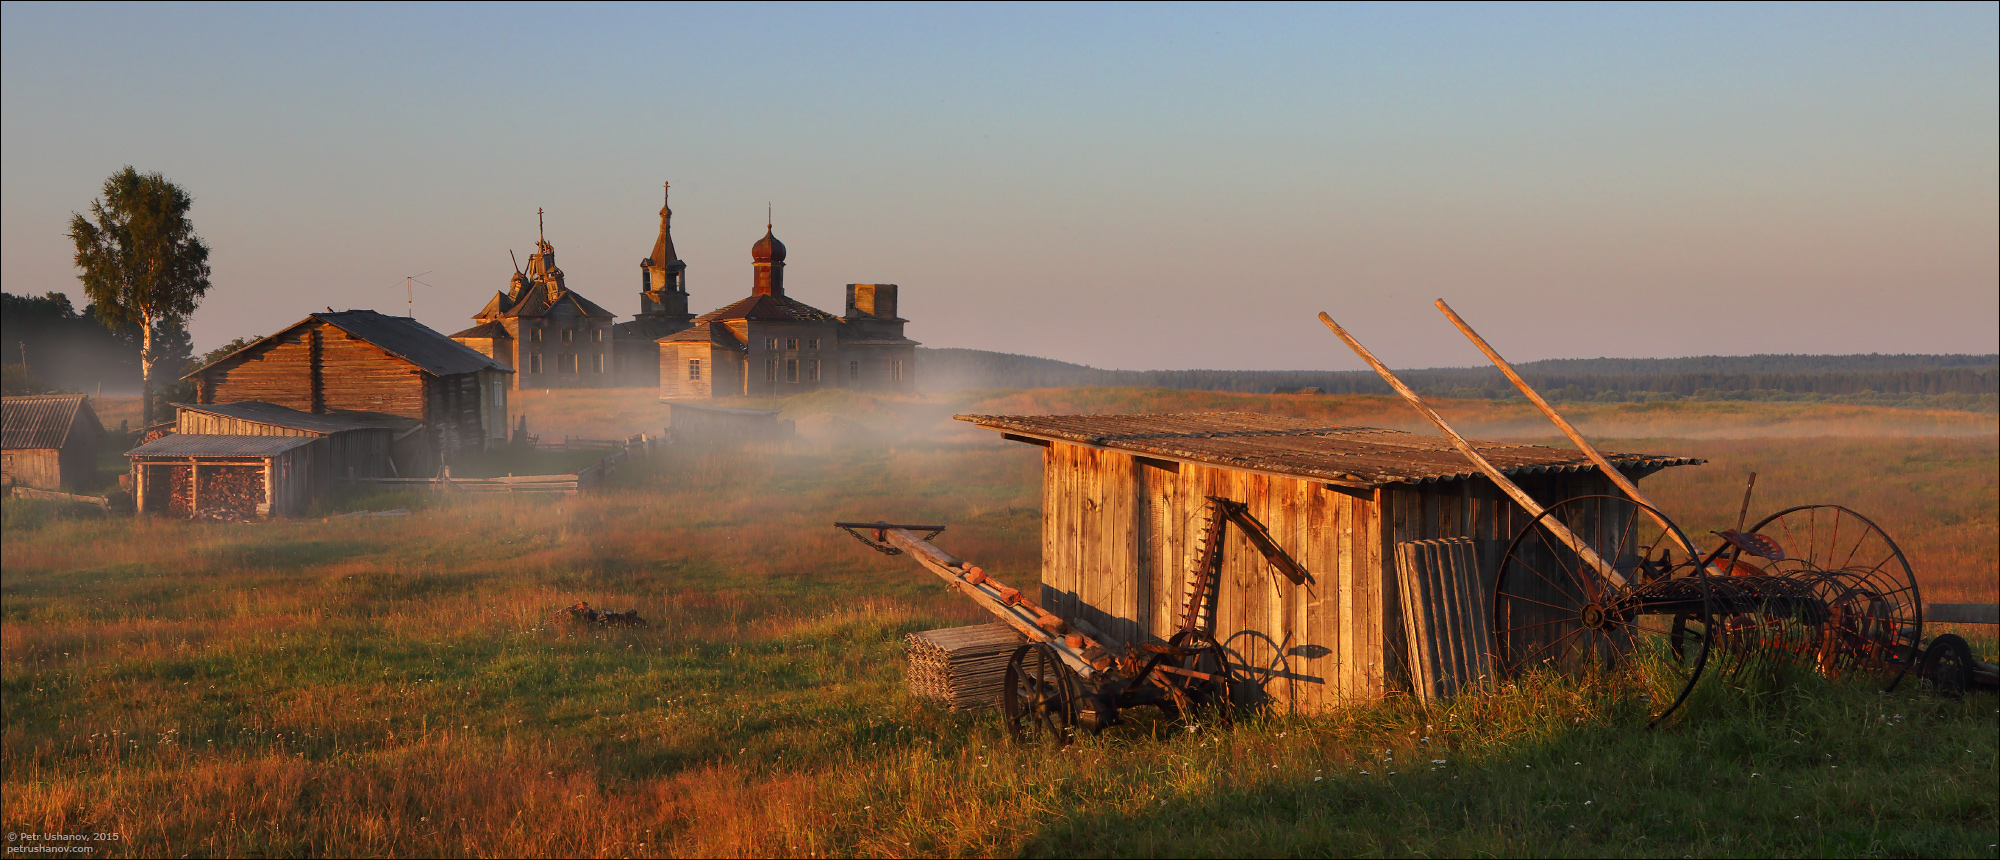 Hotohori and Kicinska - Two villages on Pinega 12a